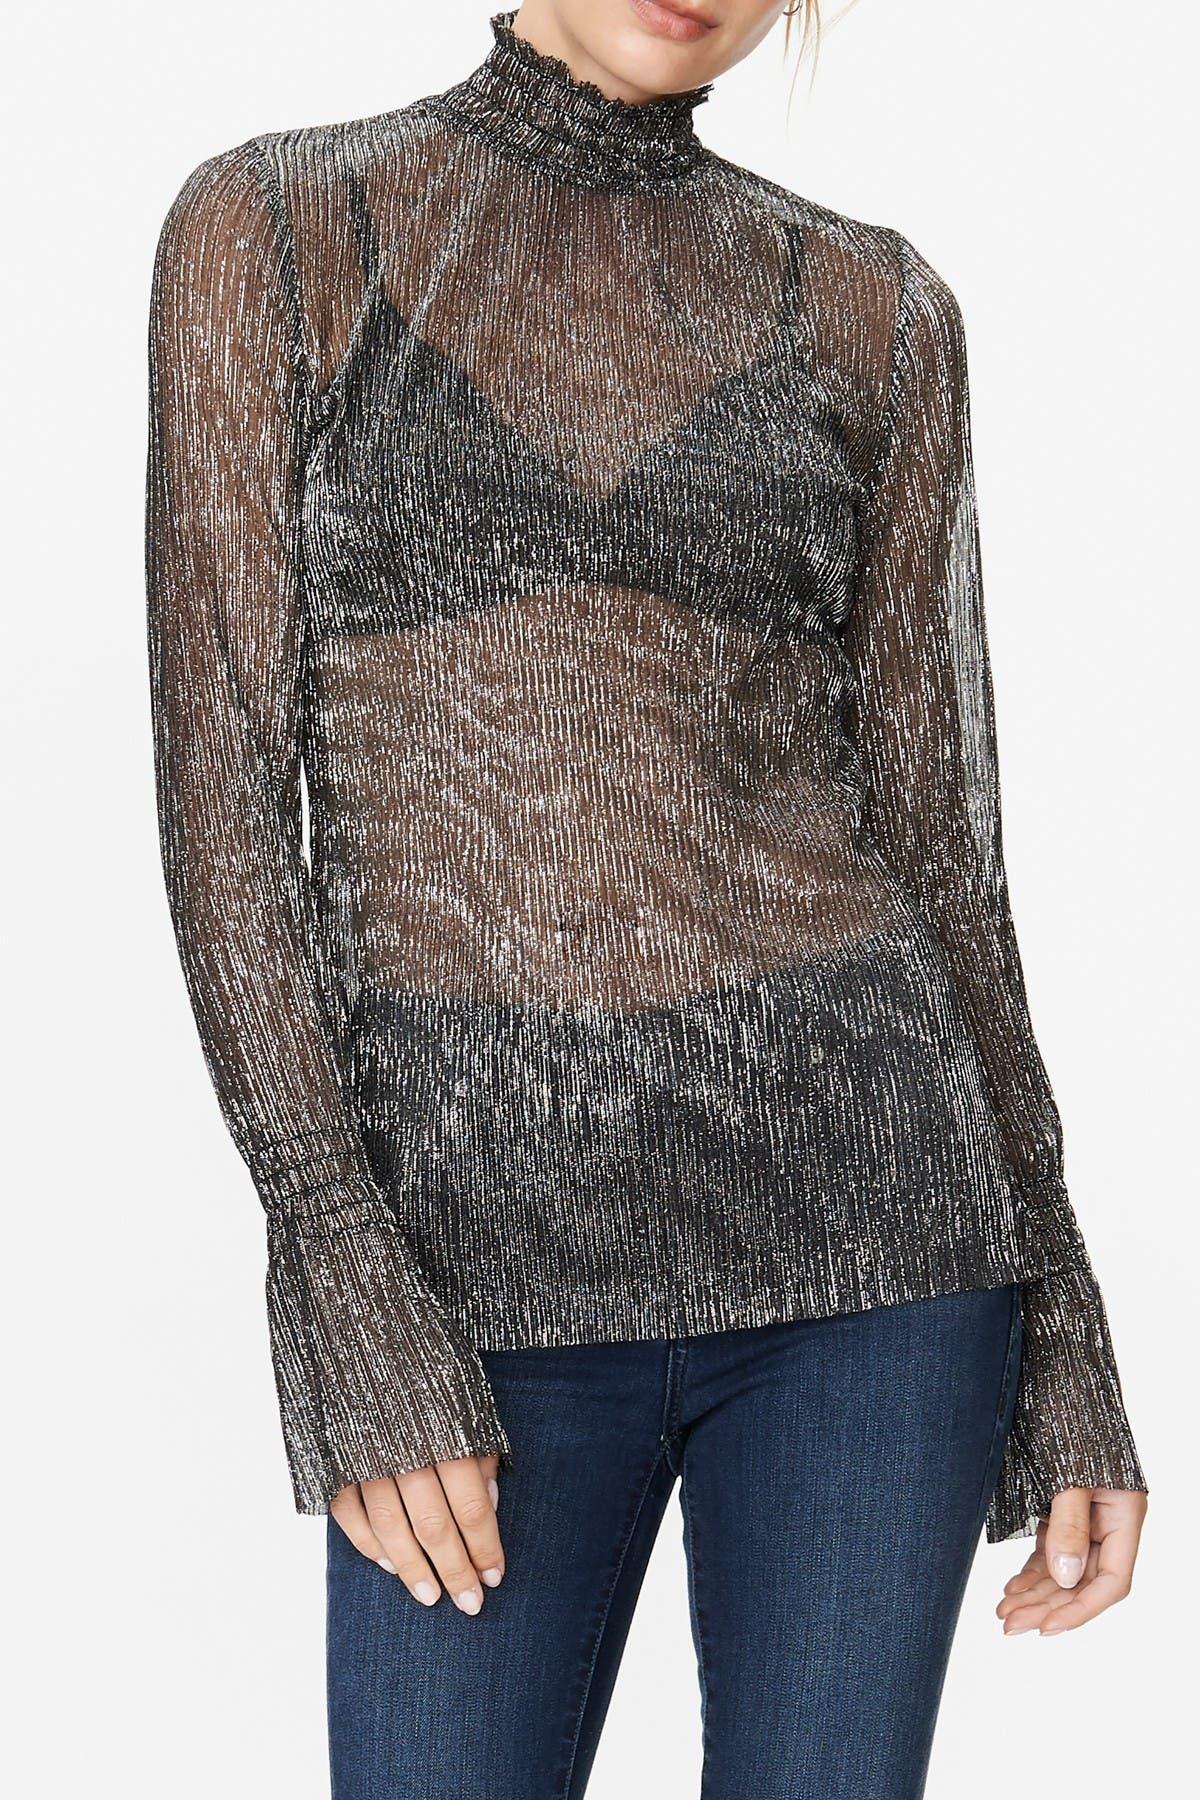 Image of Habitual Esmee Smocked Sheer Top